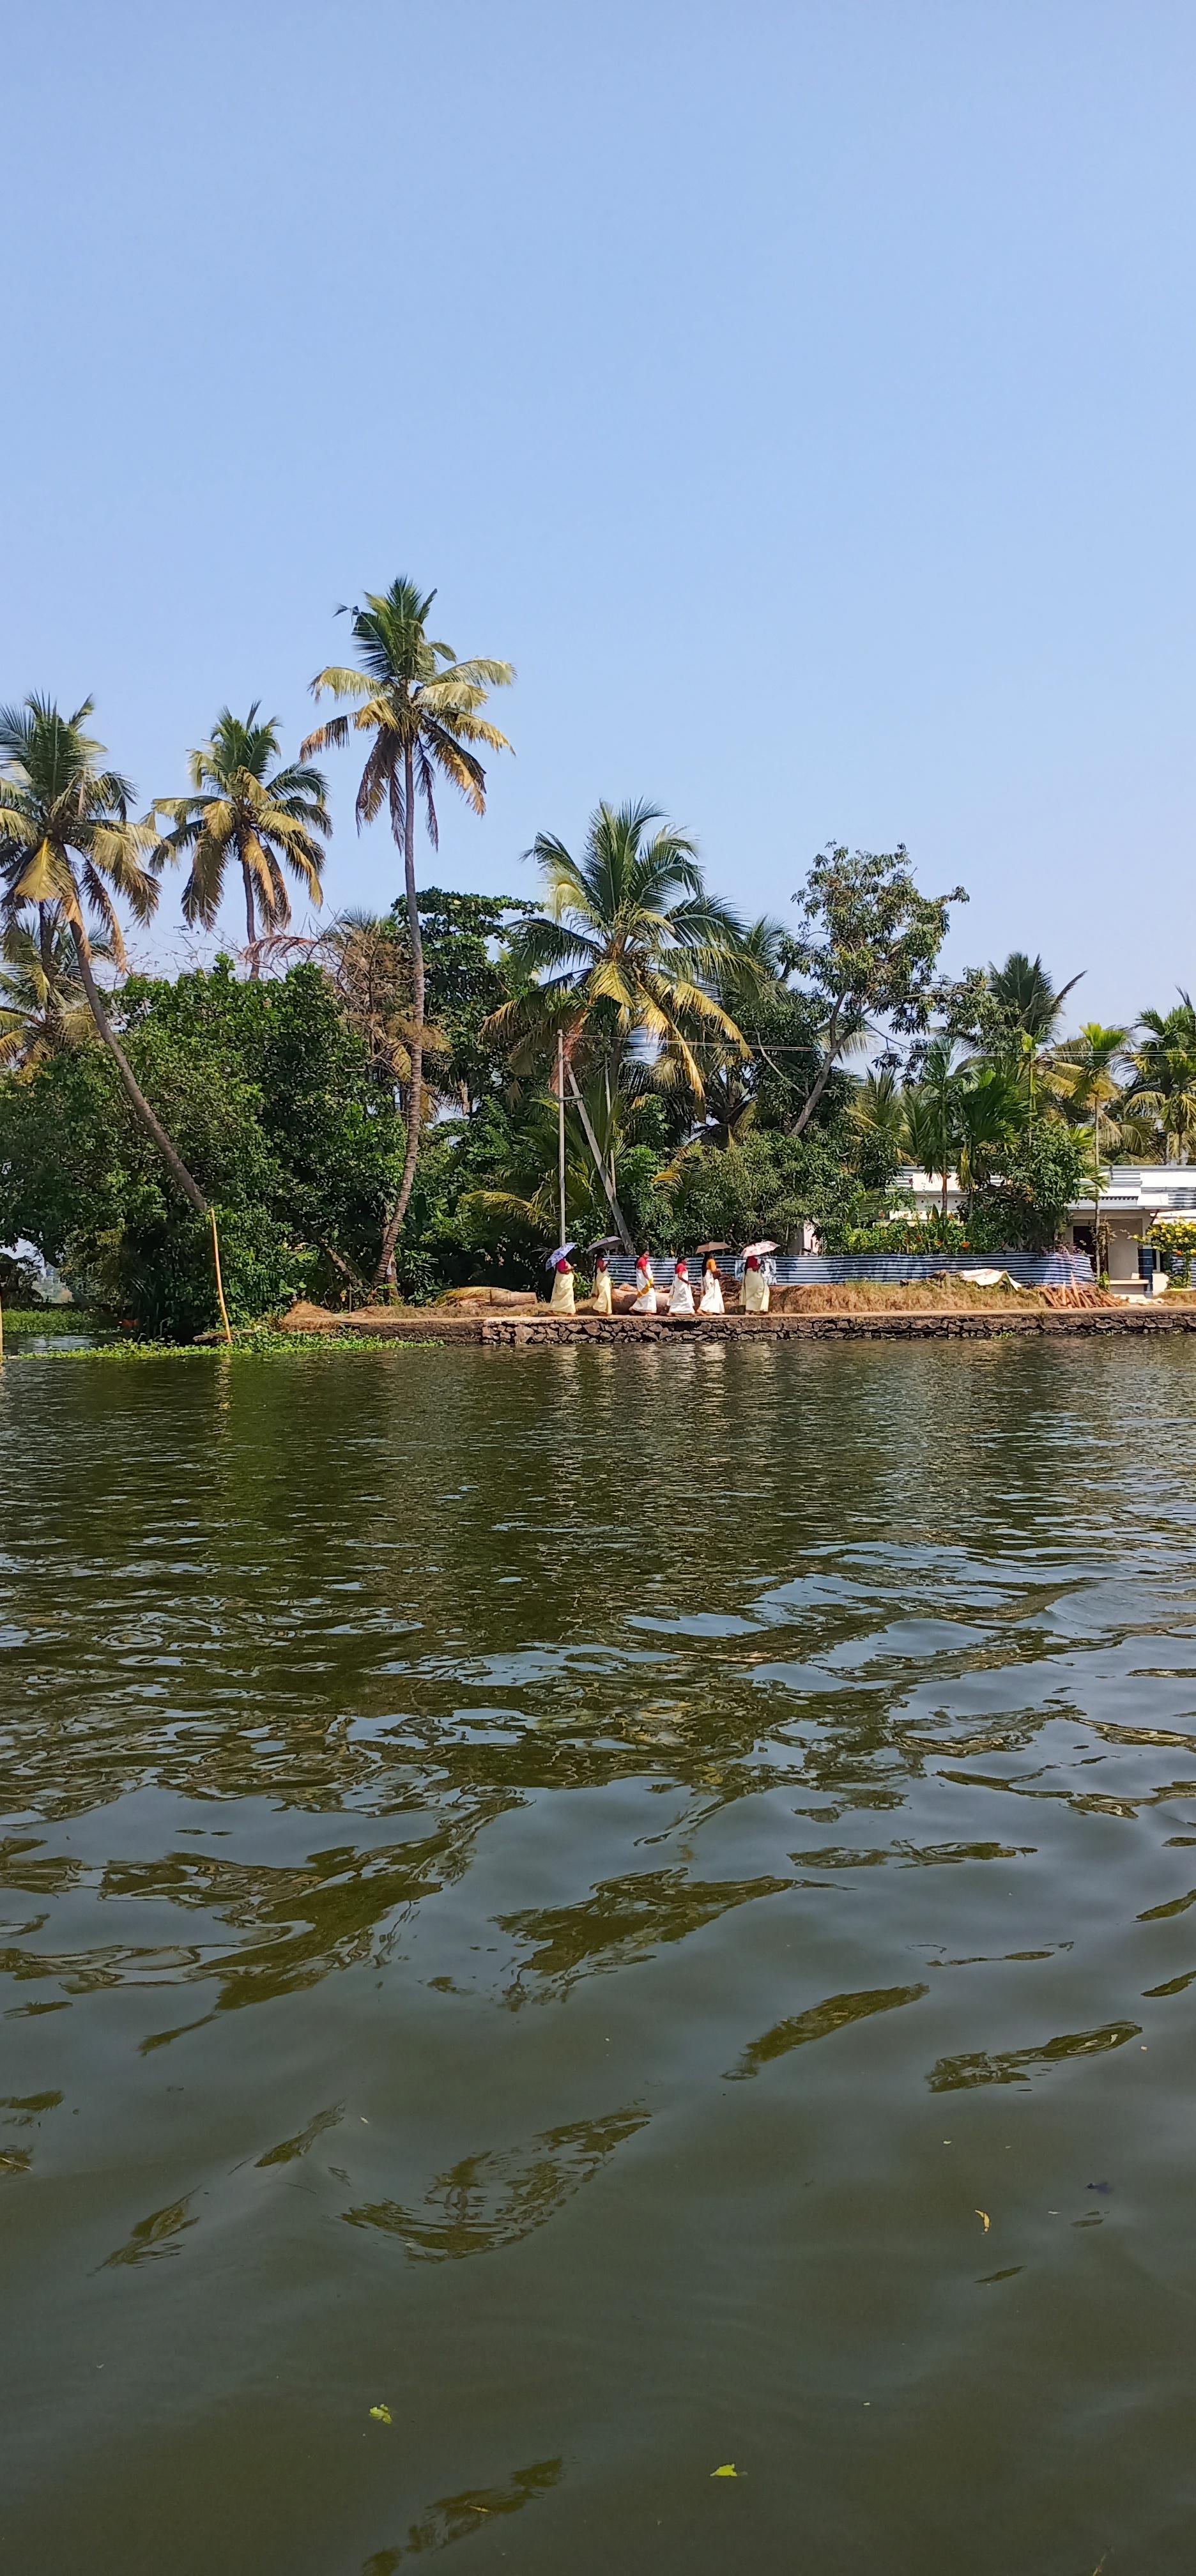 Alleppy_Backwaters_Kerala_women